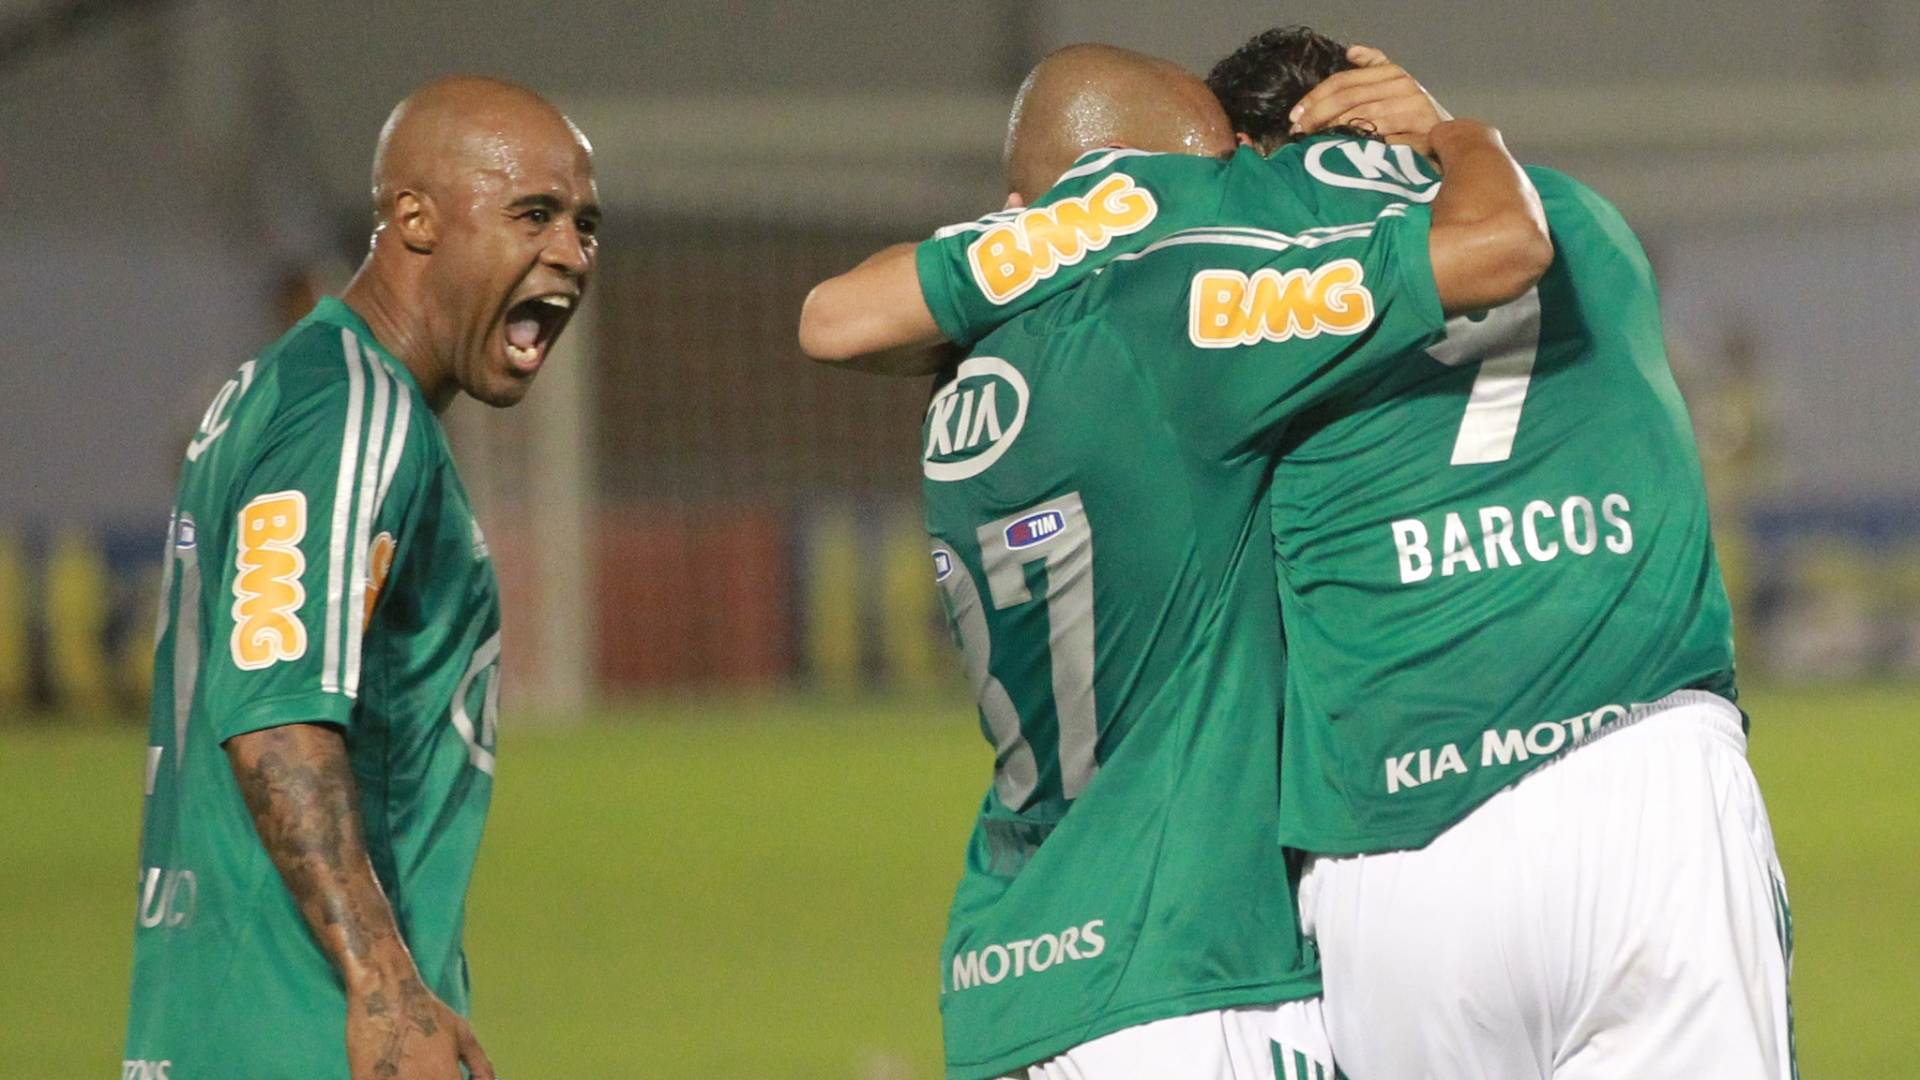 Marcos Assunção vibra bastante com gol de Barcos diante do Cruzeiro